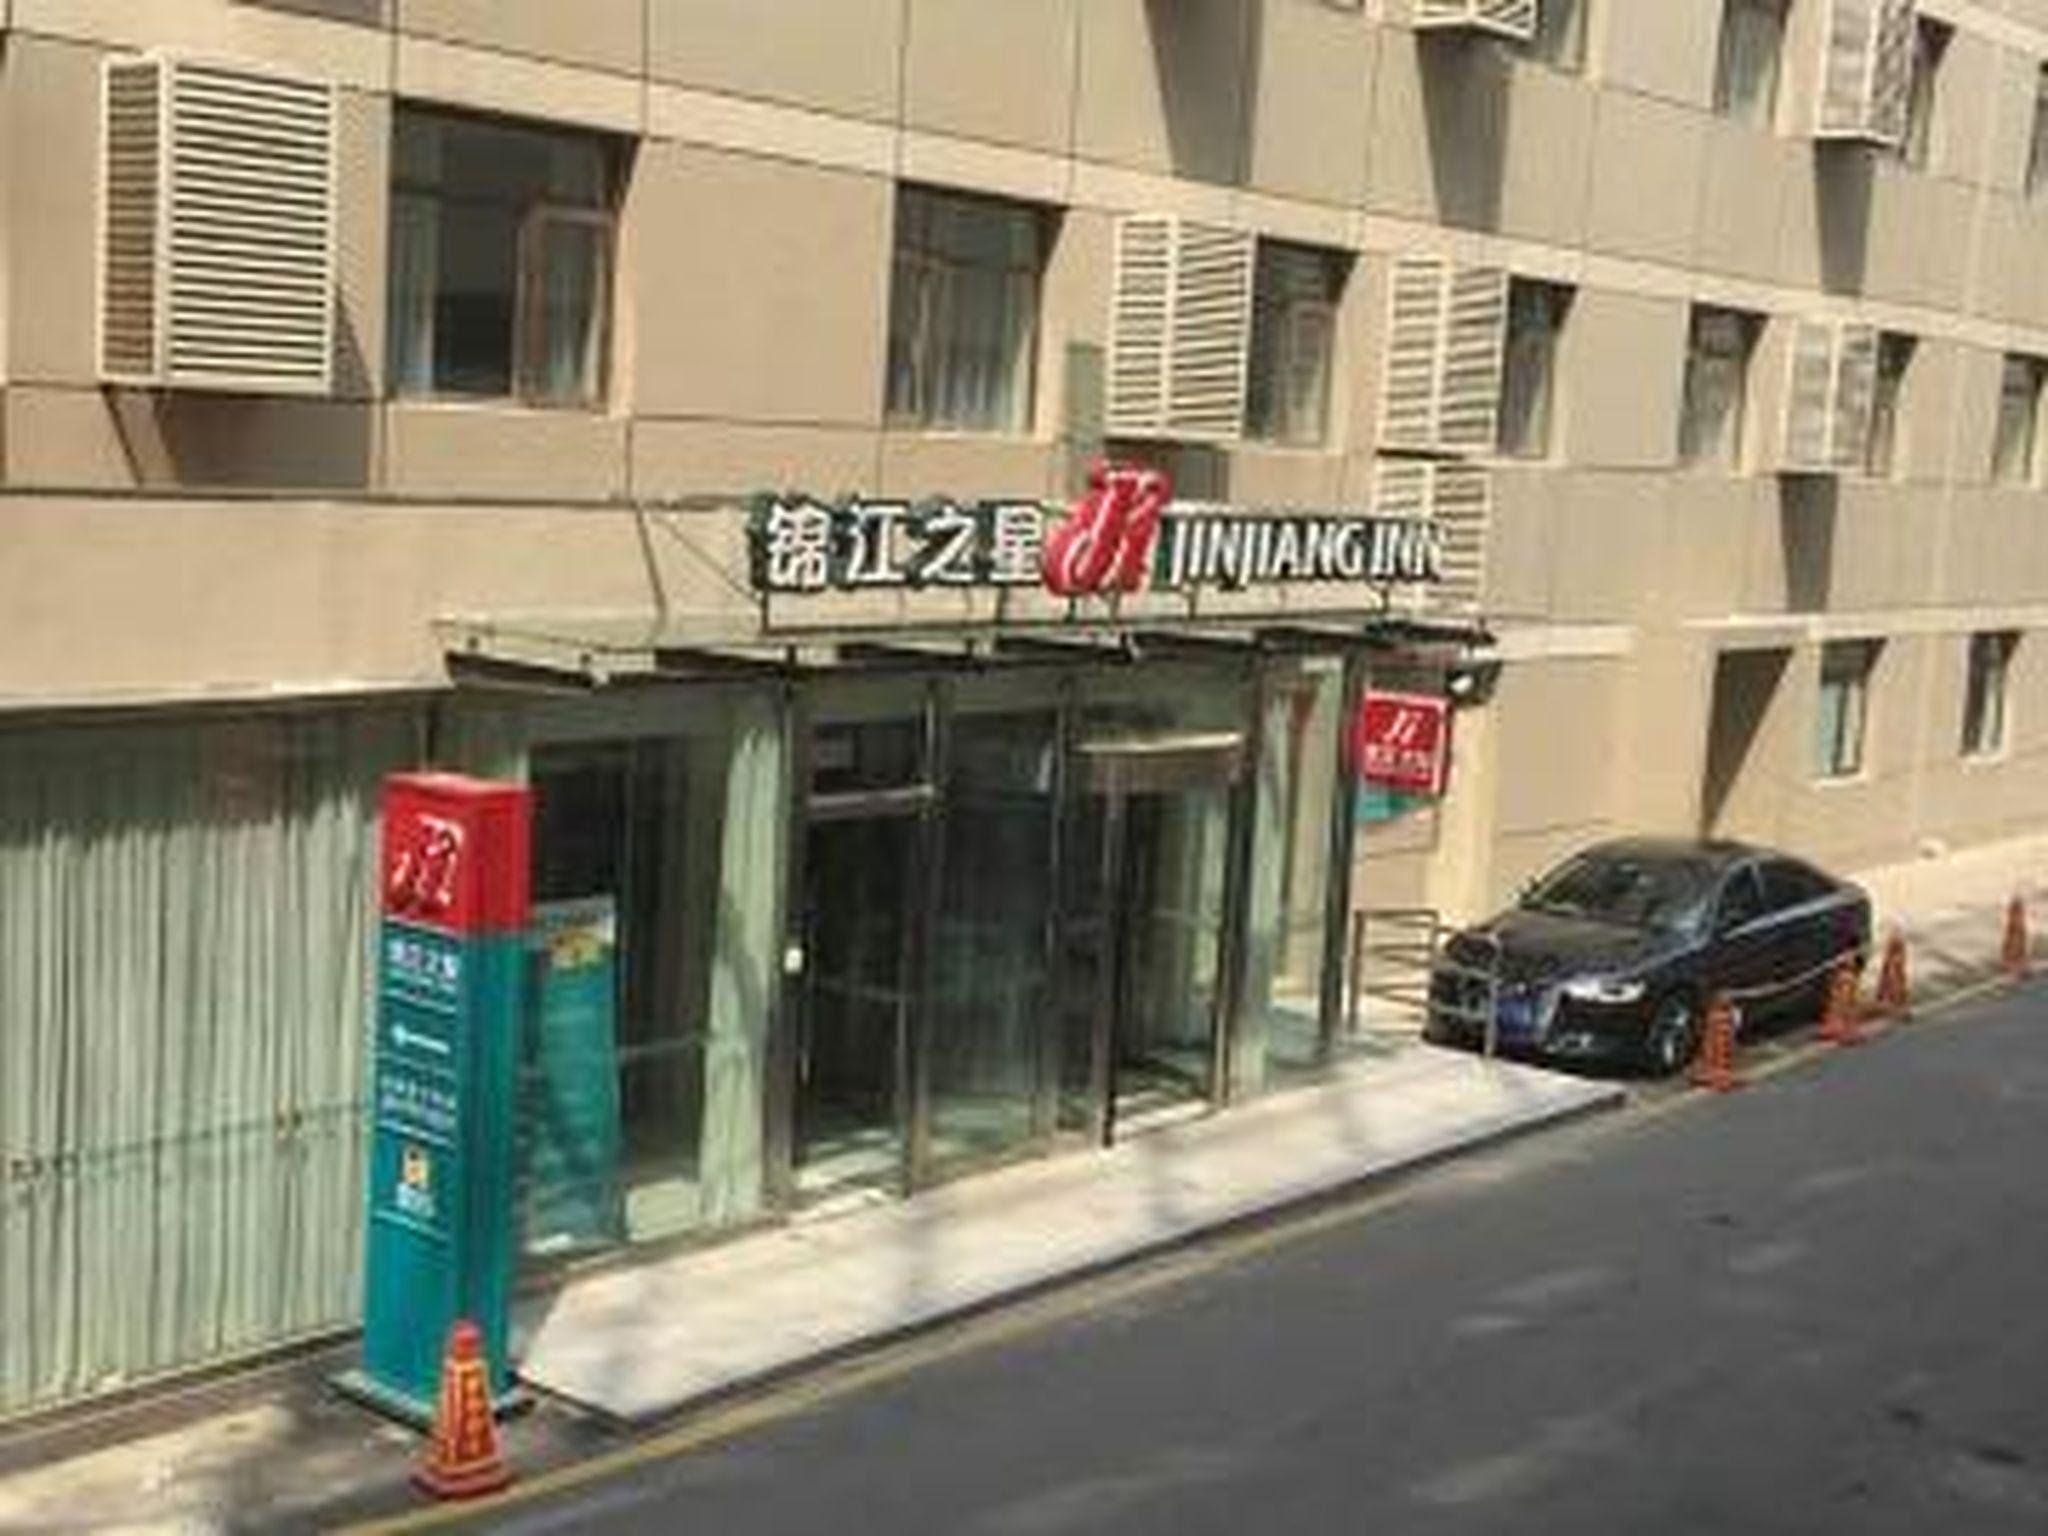 Jinjiang Inn Beijing Laiguangying Branch Reviews